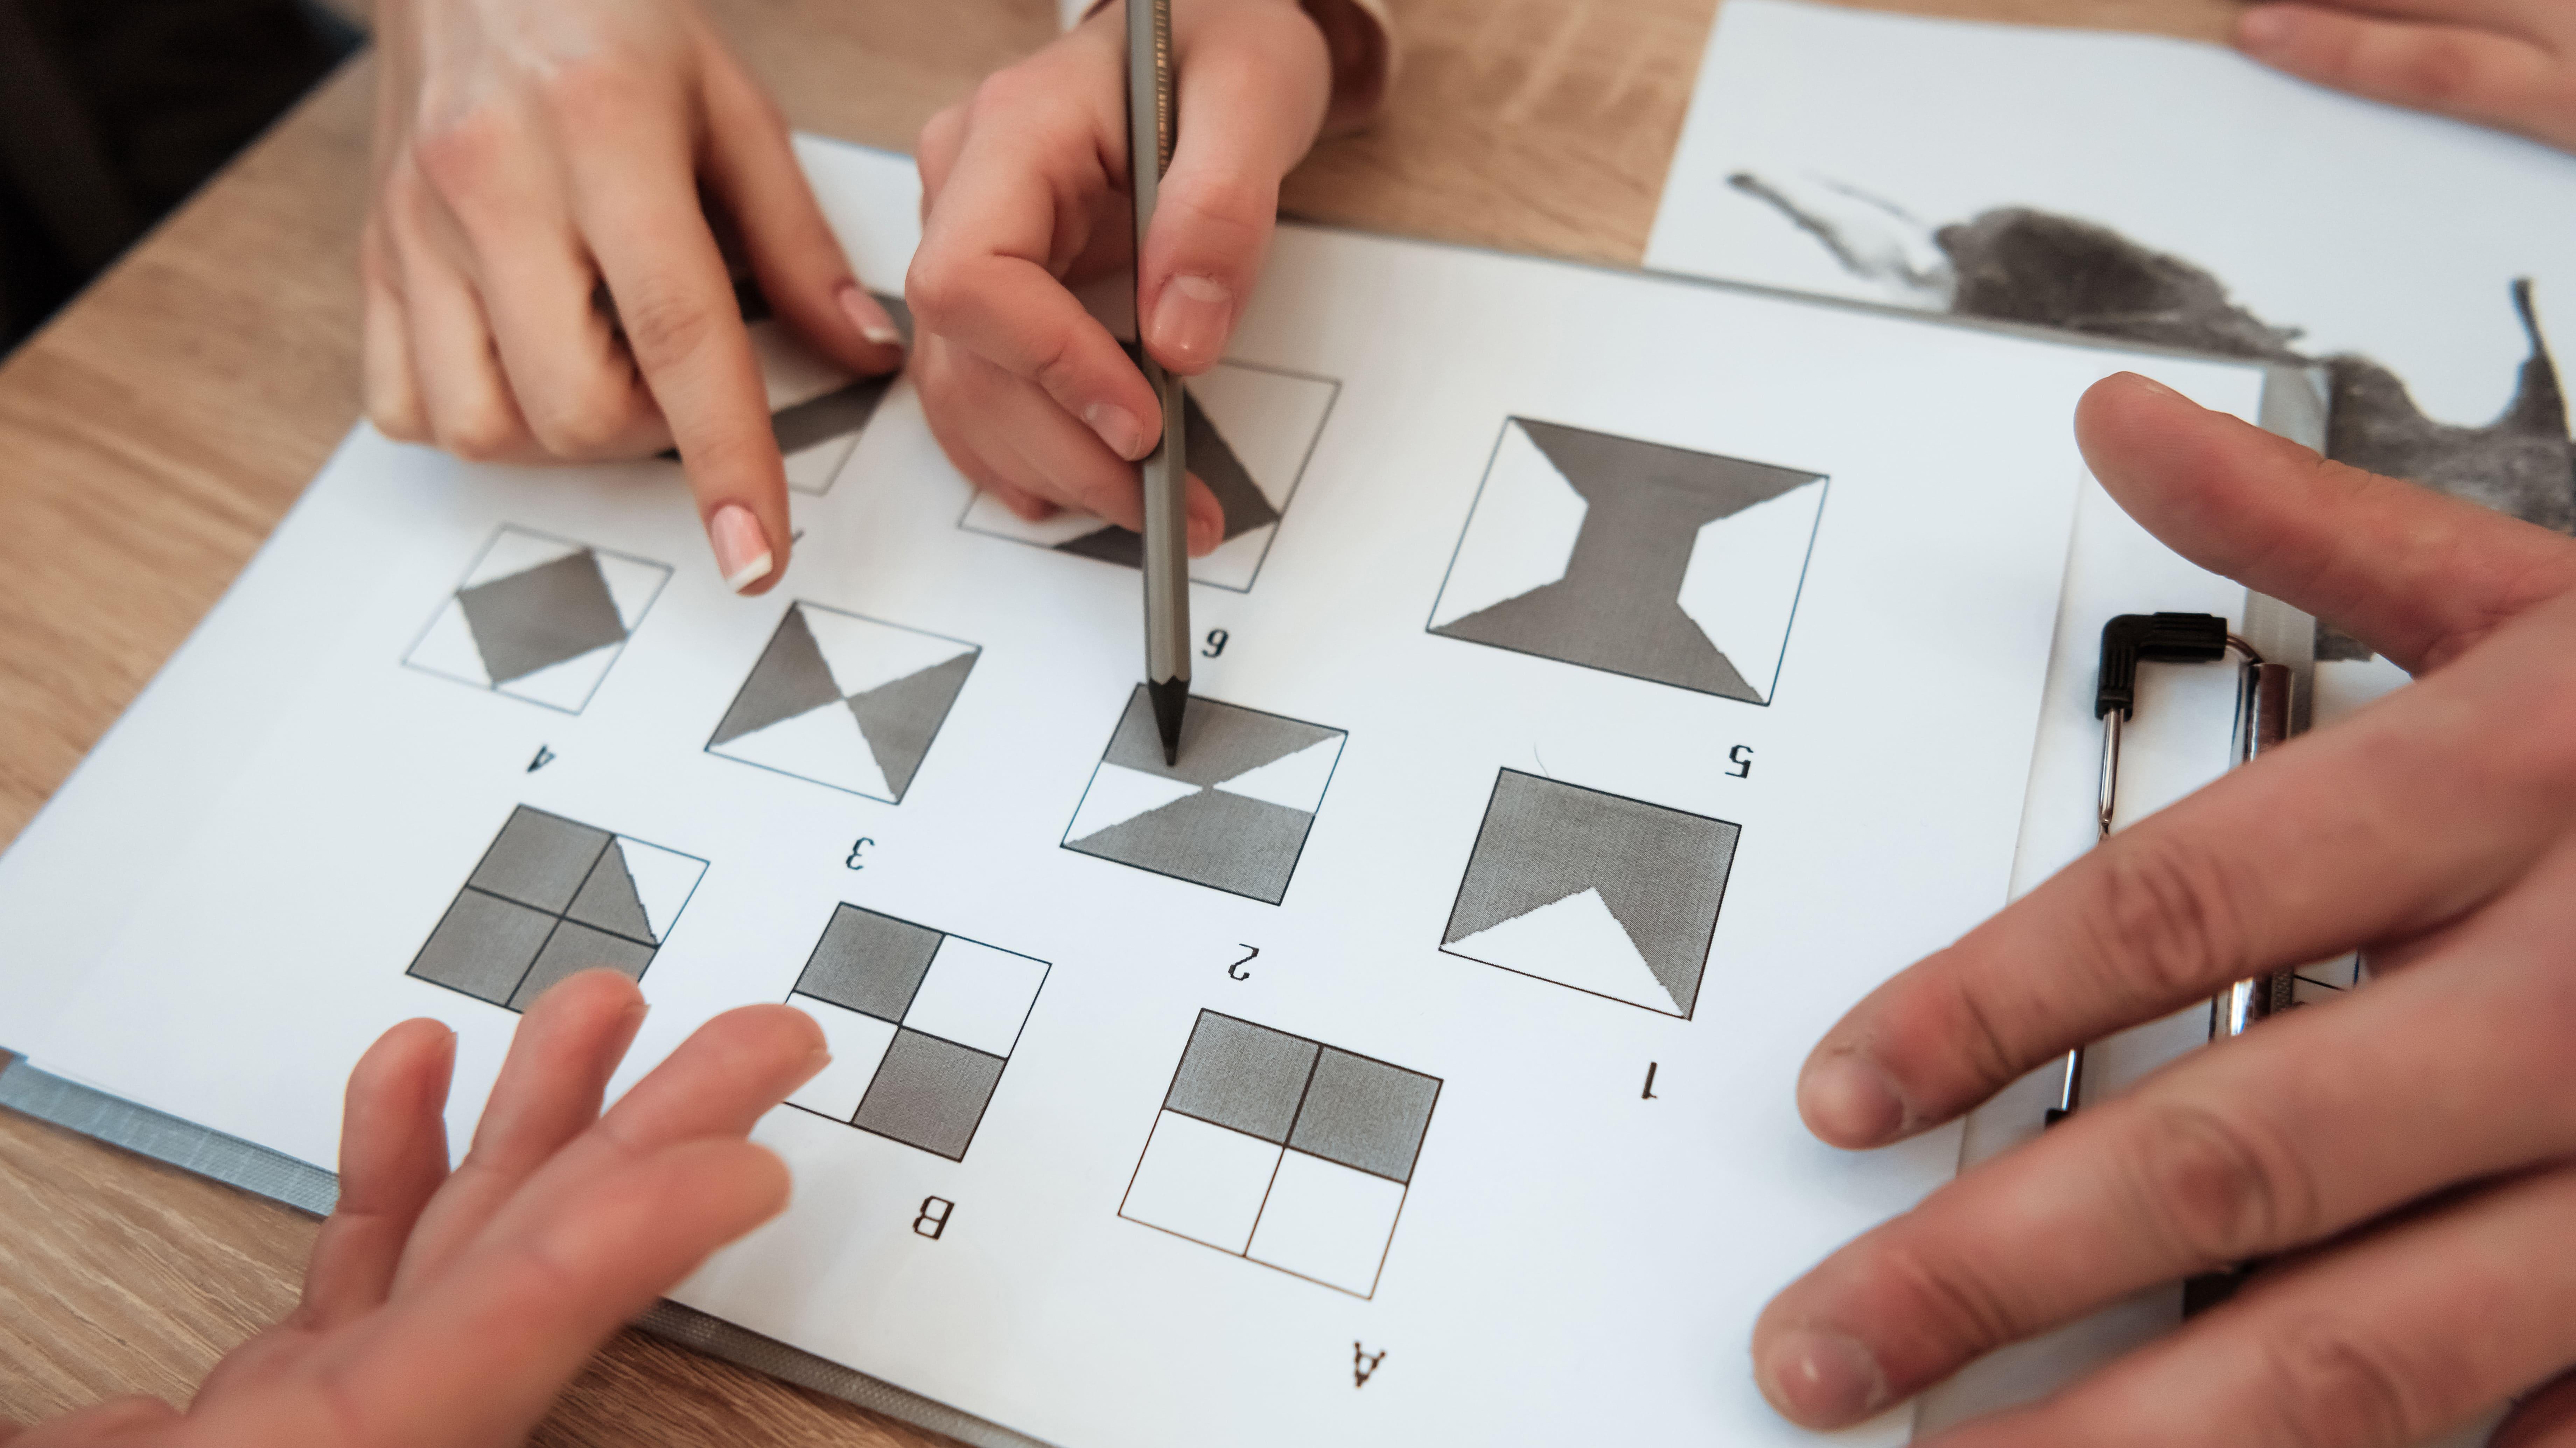 Imagem de um jogo pedagógico para remeter ao empreendedor que deseja abrir uma clínica de psicopedagogia